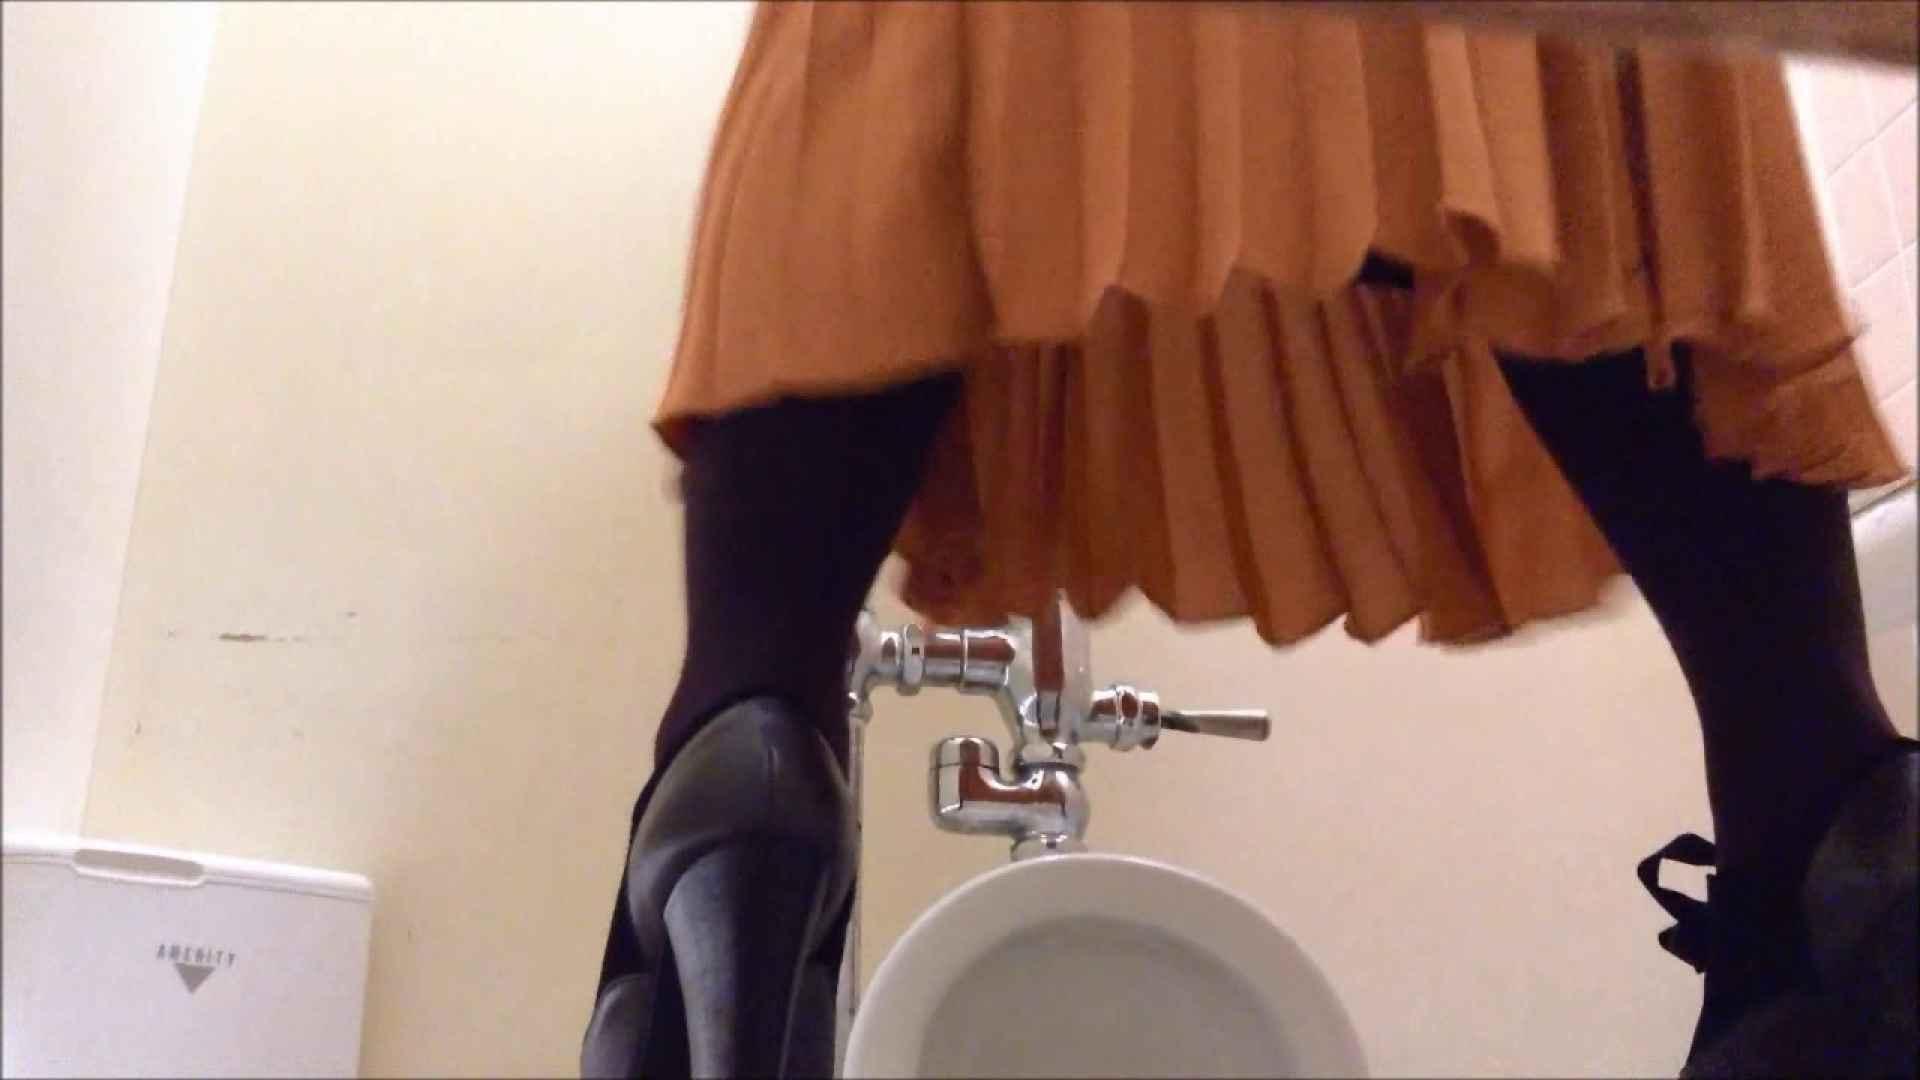 某有名大学女性洗面所 vol.07 洗面所編  91PIX 9